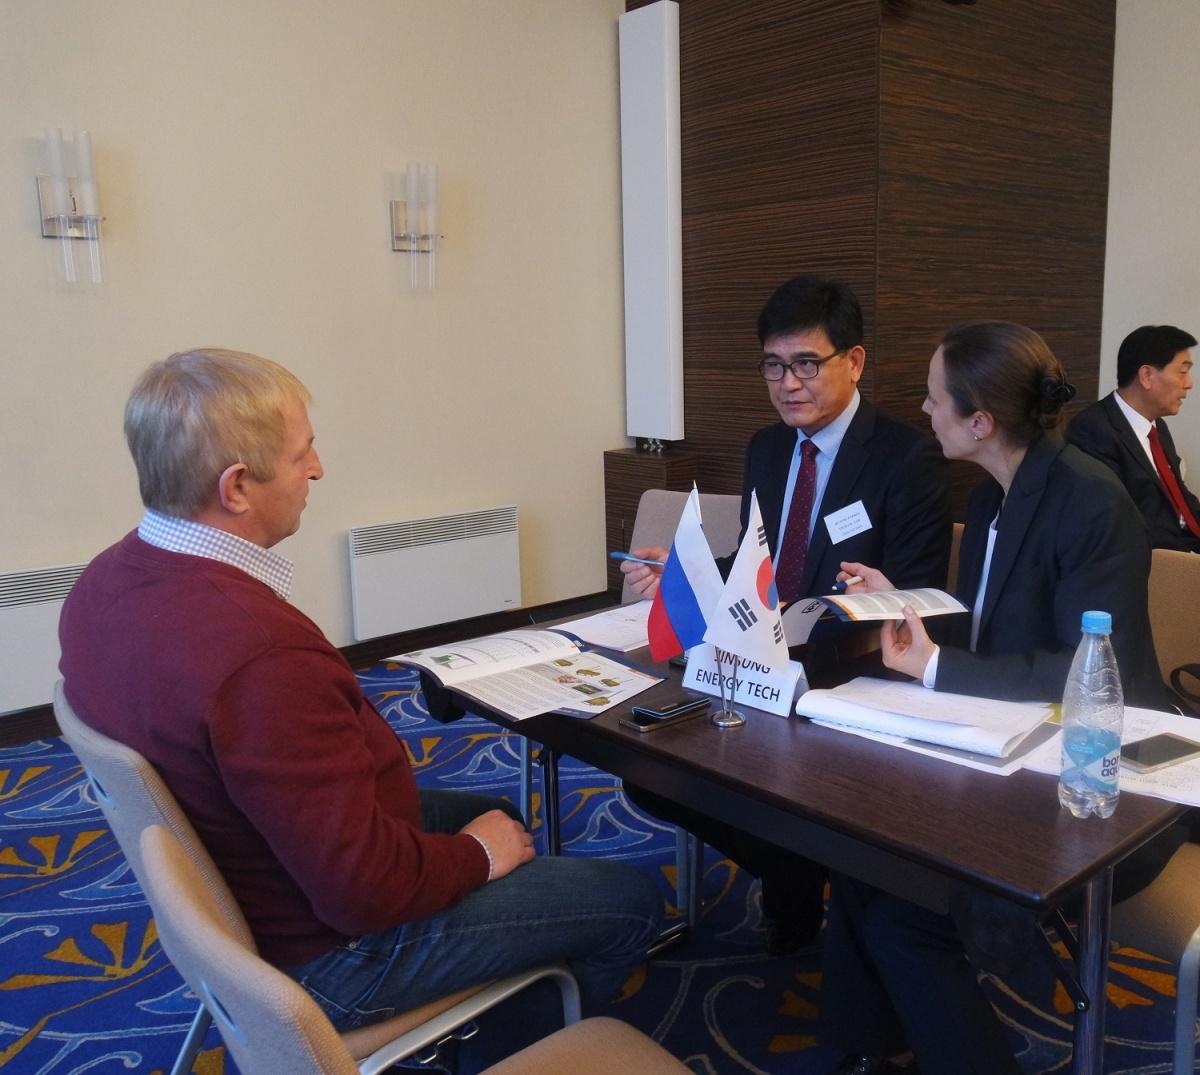 Представители десяти корейских компаний хотят встретиться с новосибирскими бизнесменами